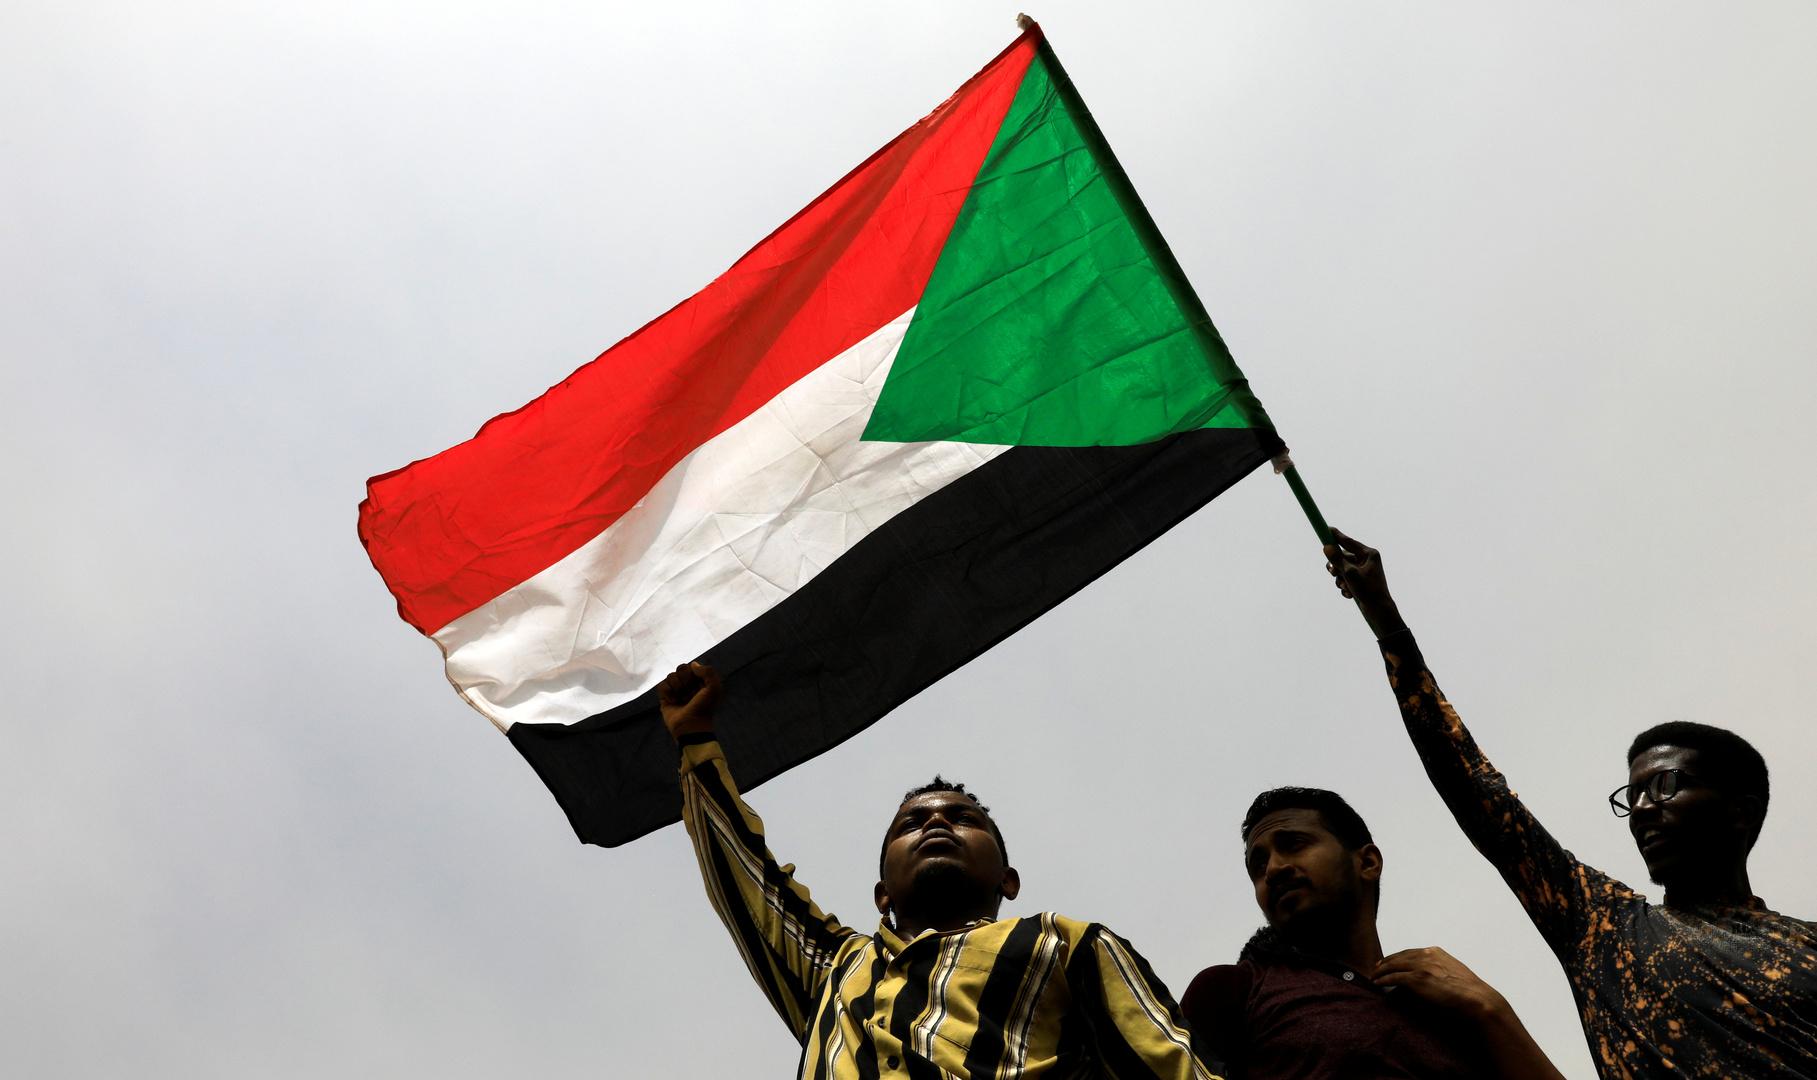 حكومة السودان وجماعات متمردة تتفق على خريطة طريق لإنهاء نزاع دارفور